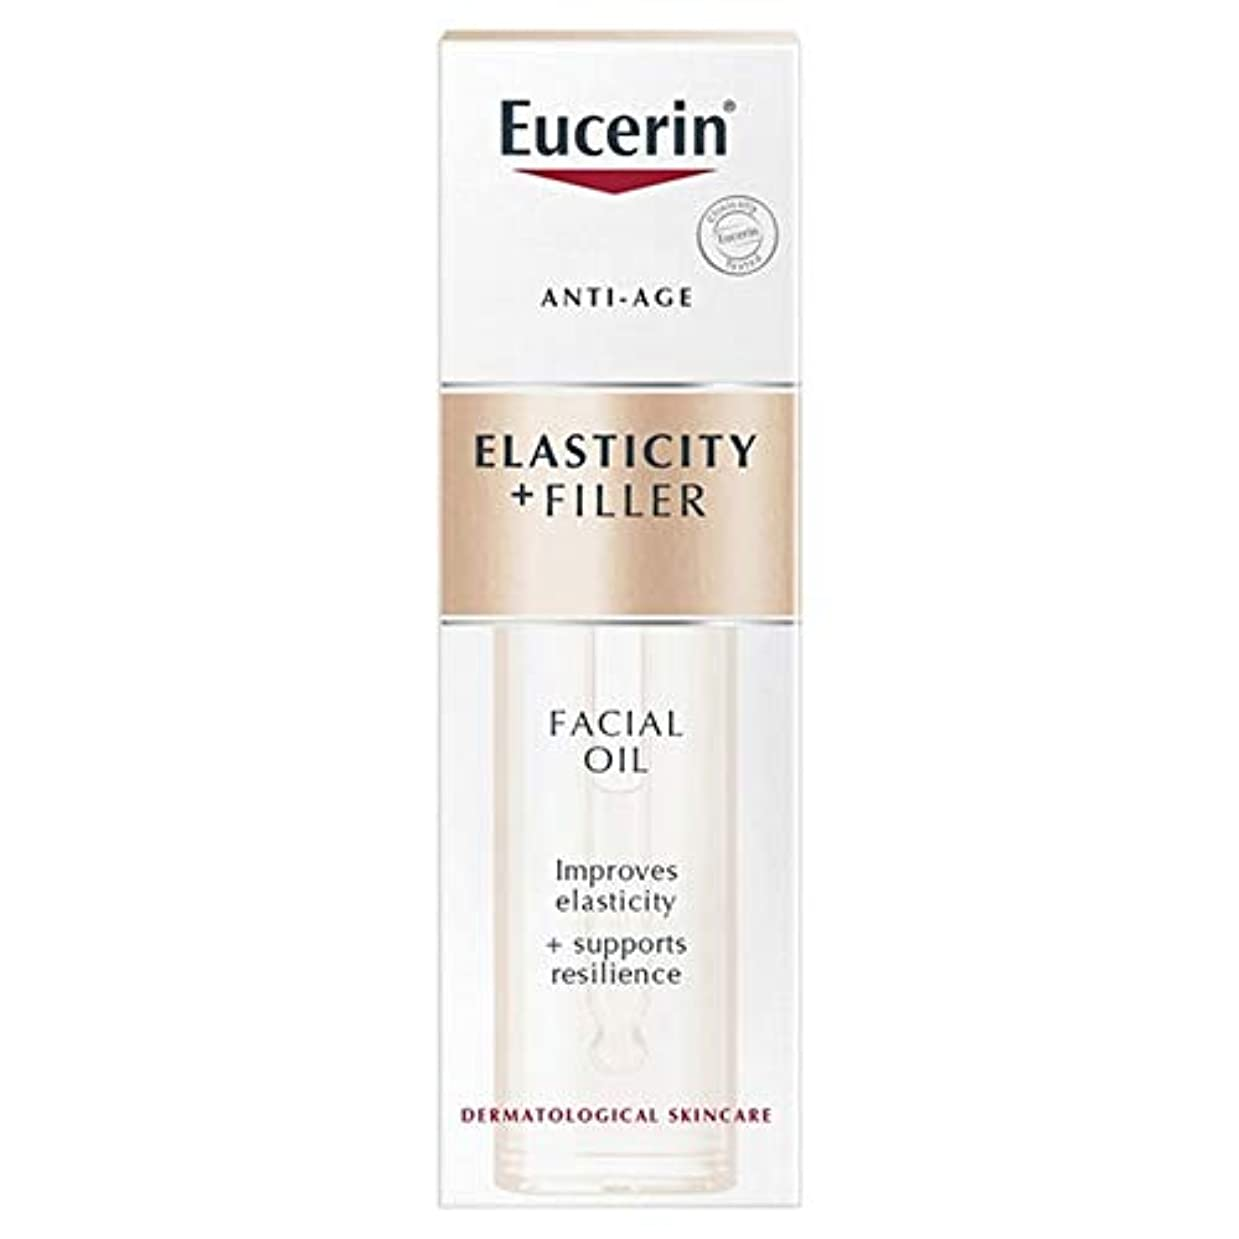 とてもパーセント鳩[Eucerin ] ユーセリン抗年齢の弾力+フィラーフェイシャルオイル30ミリリットル - Eucerin Anti-Age Elasticity + Filler Facial Oil 30ml [並行輸入品]